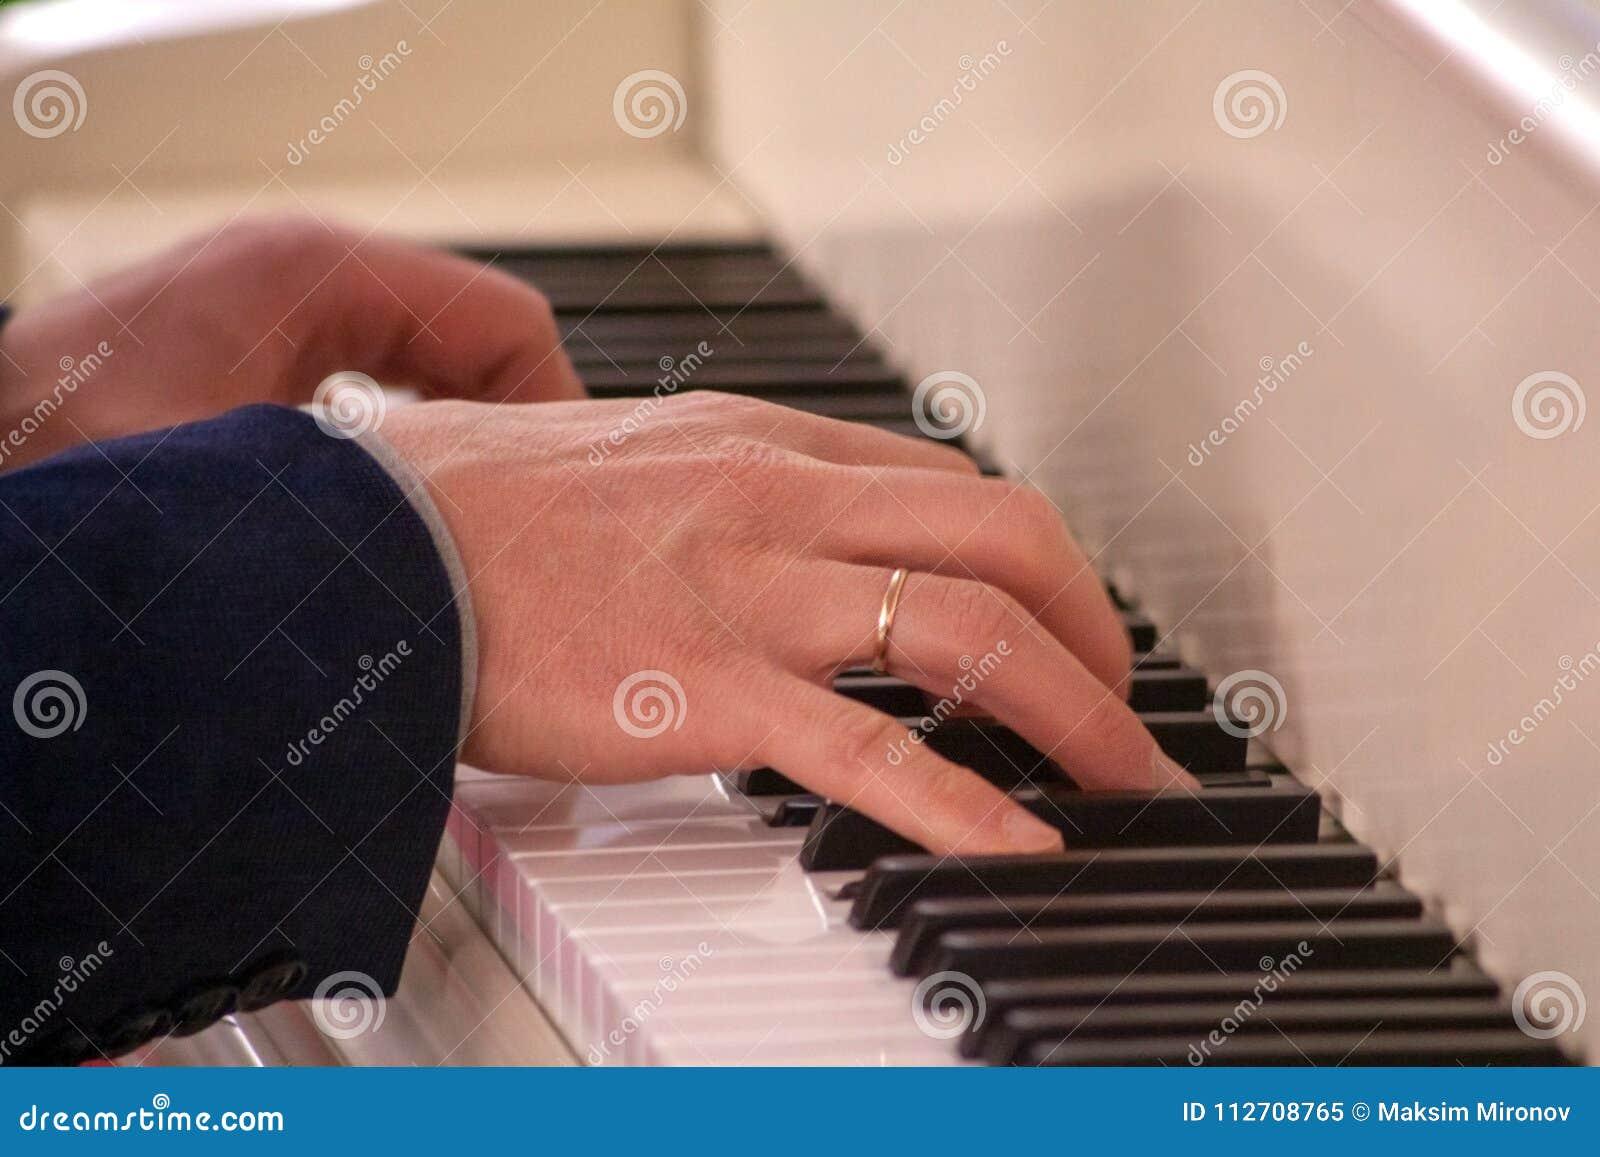 Música do piano de Hands Playing Classical do pianista